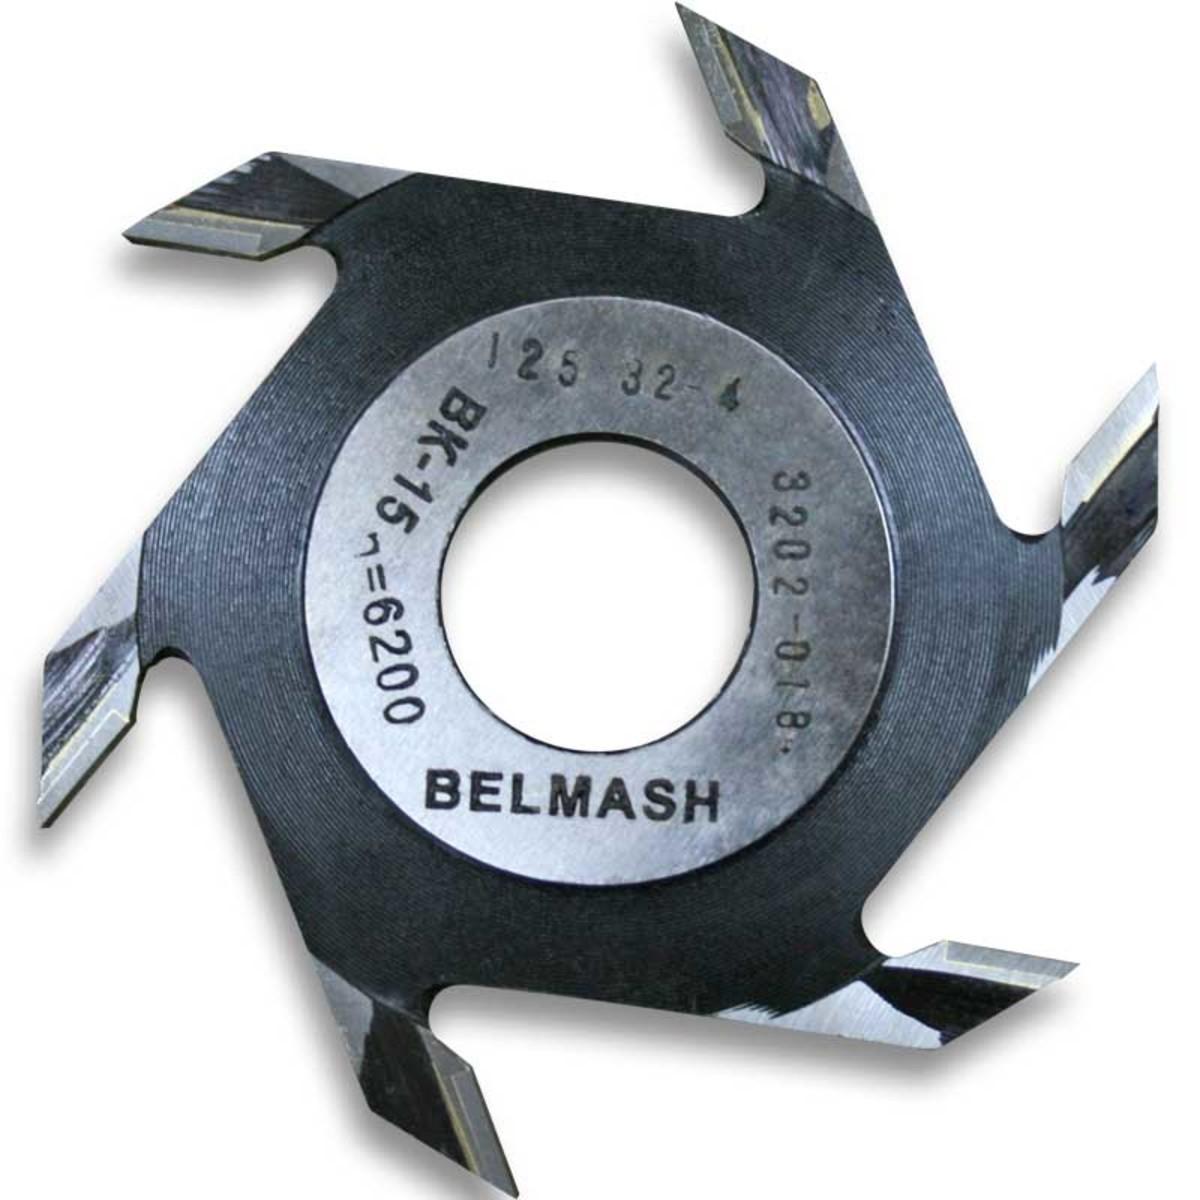 Фреза дисковая пазовая по дереву BELMASH 125x32x4 мм с тведосплавными напайками 6 зубьев